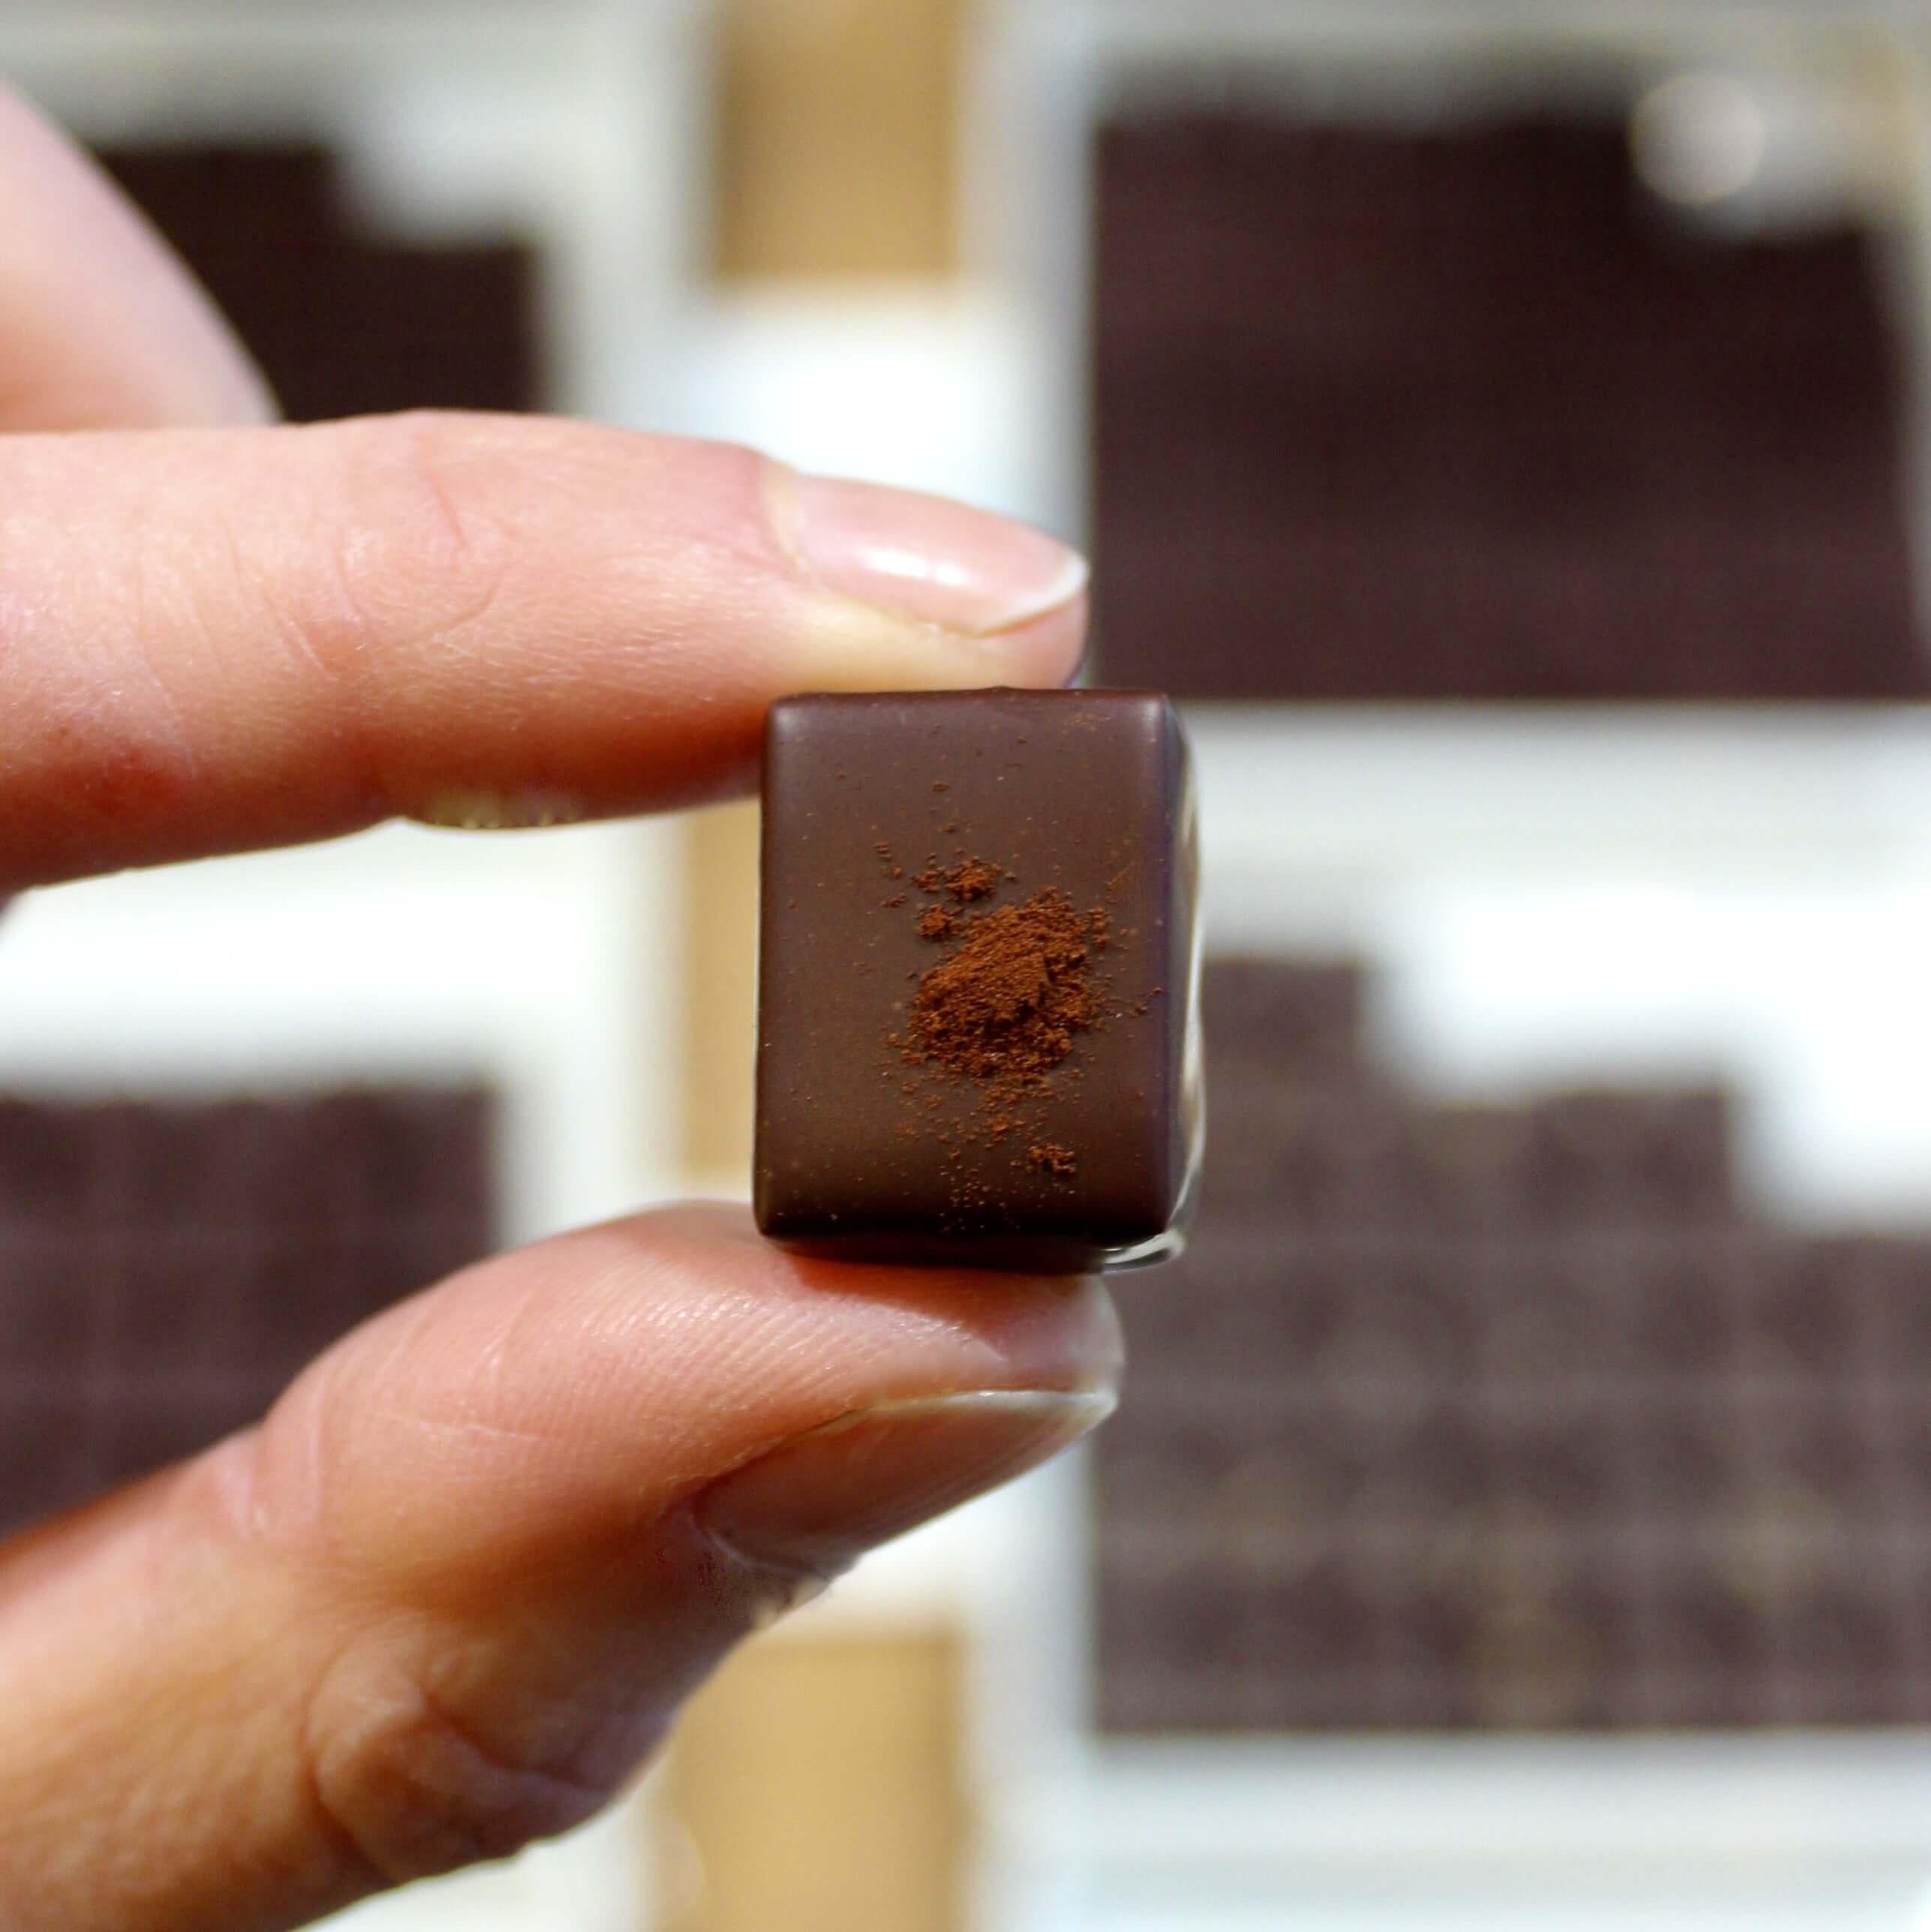 hilde devolder chocolatier organic cognac